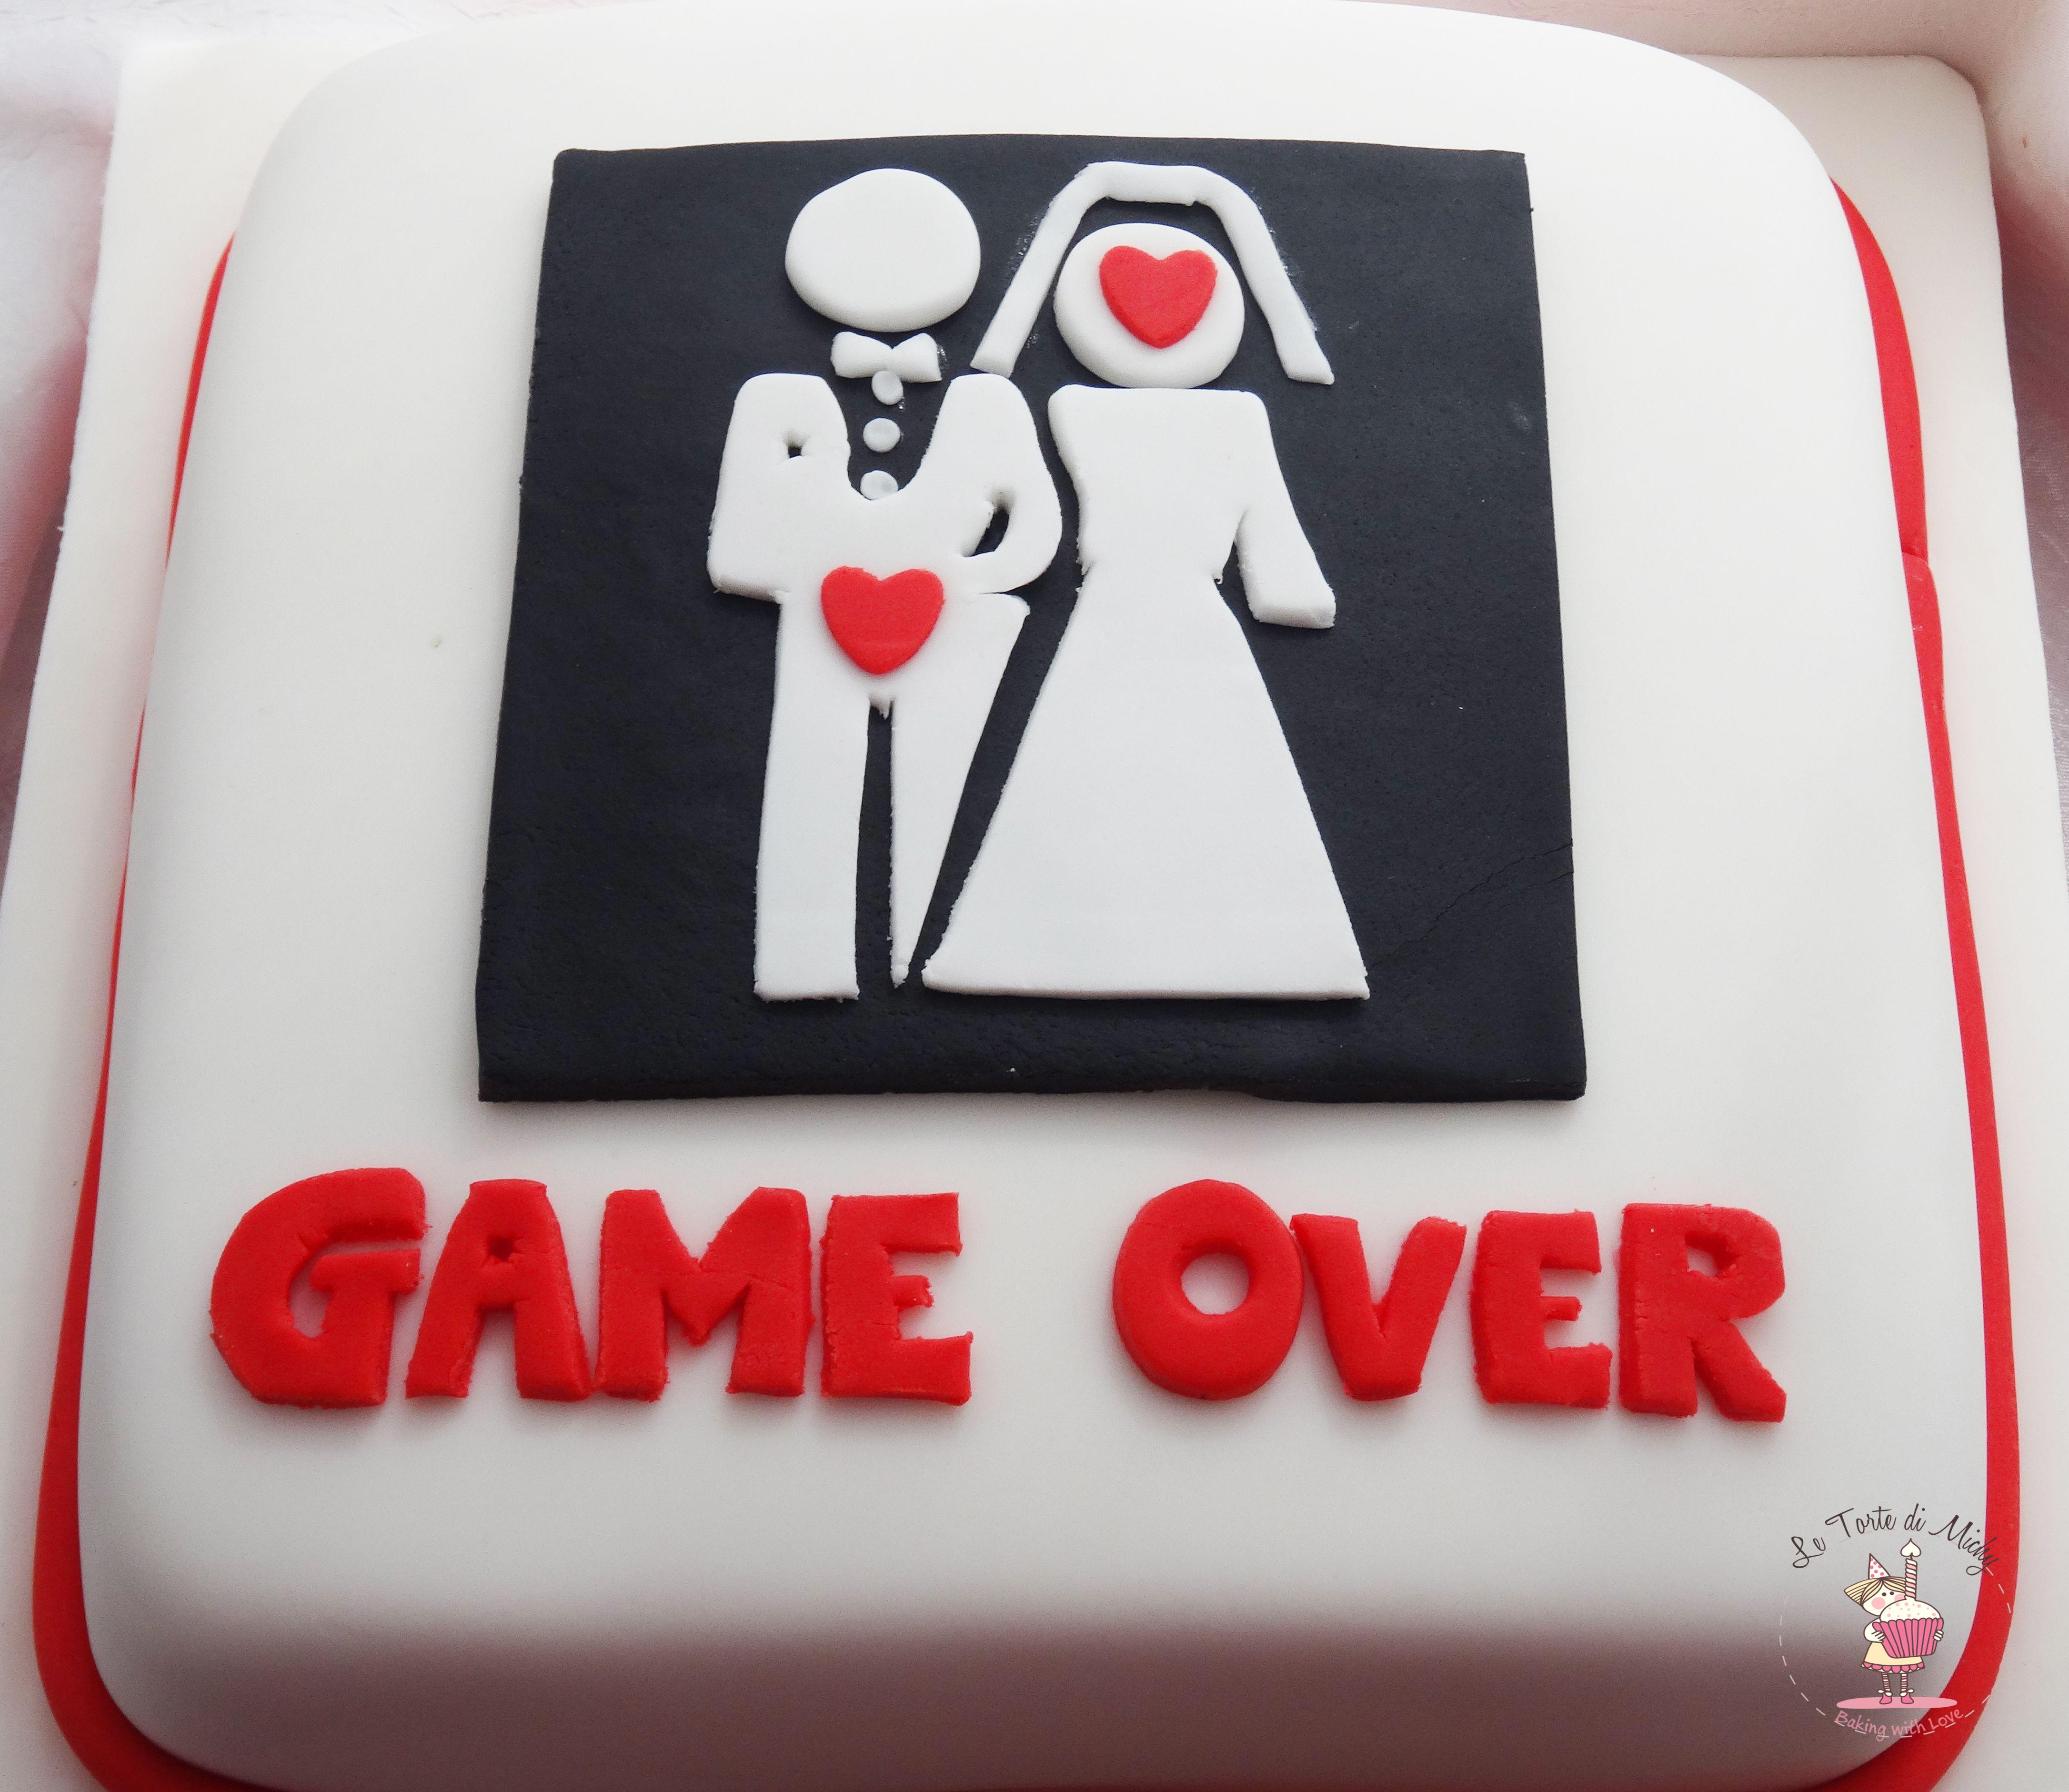 Game Over Cake Torta Addio Al Nubilato Celibato